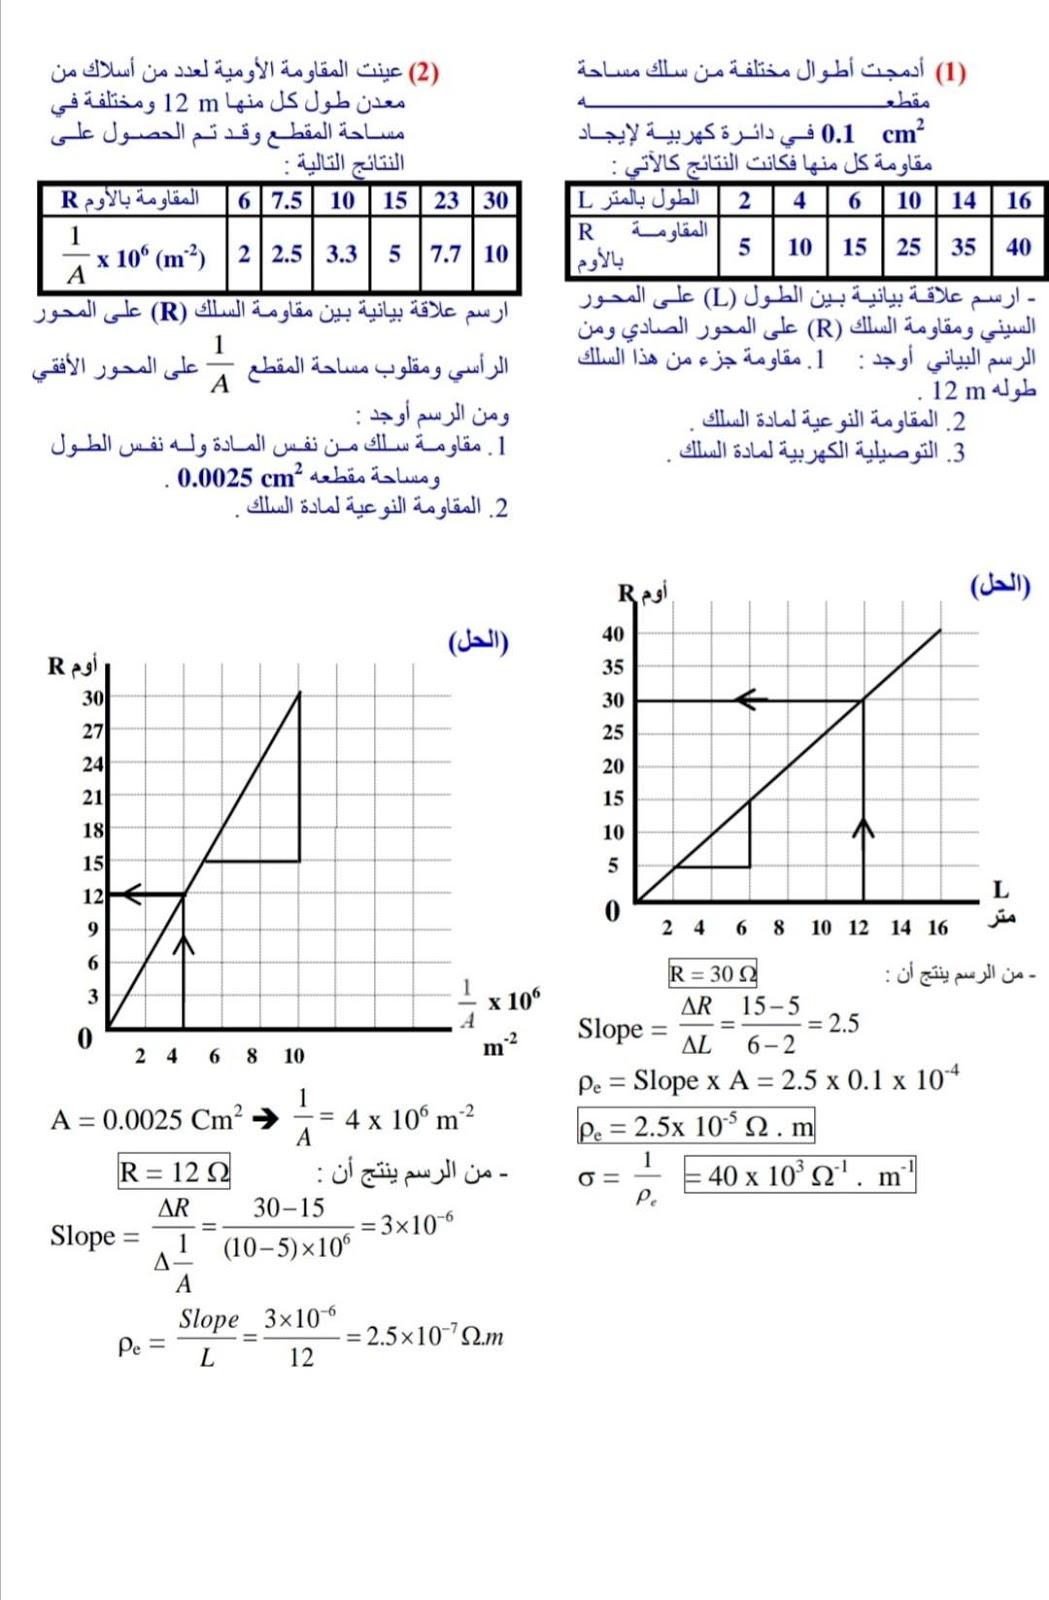 الرسوم البيانية لمنهج الفيزياء للثانوية العامة - صفحة 2 5-